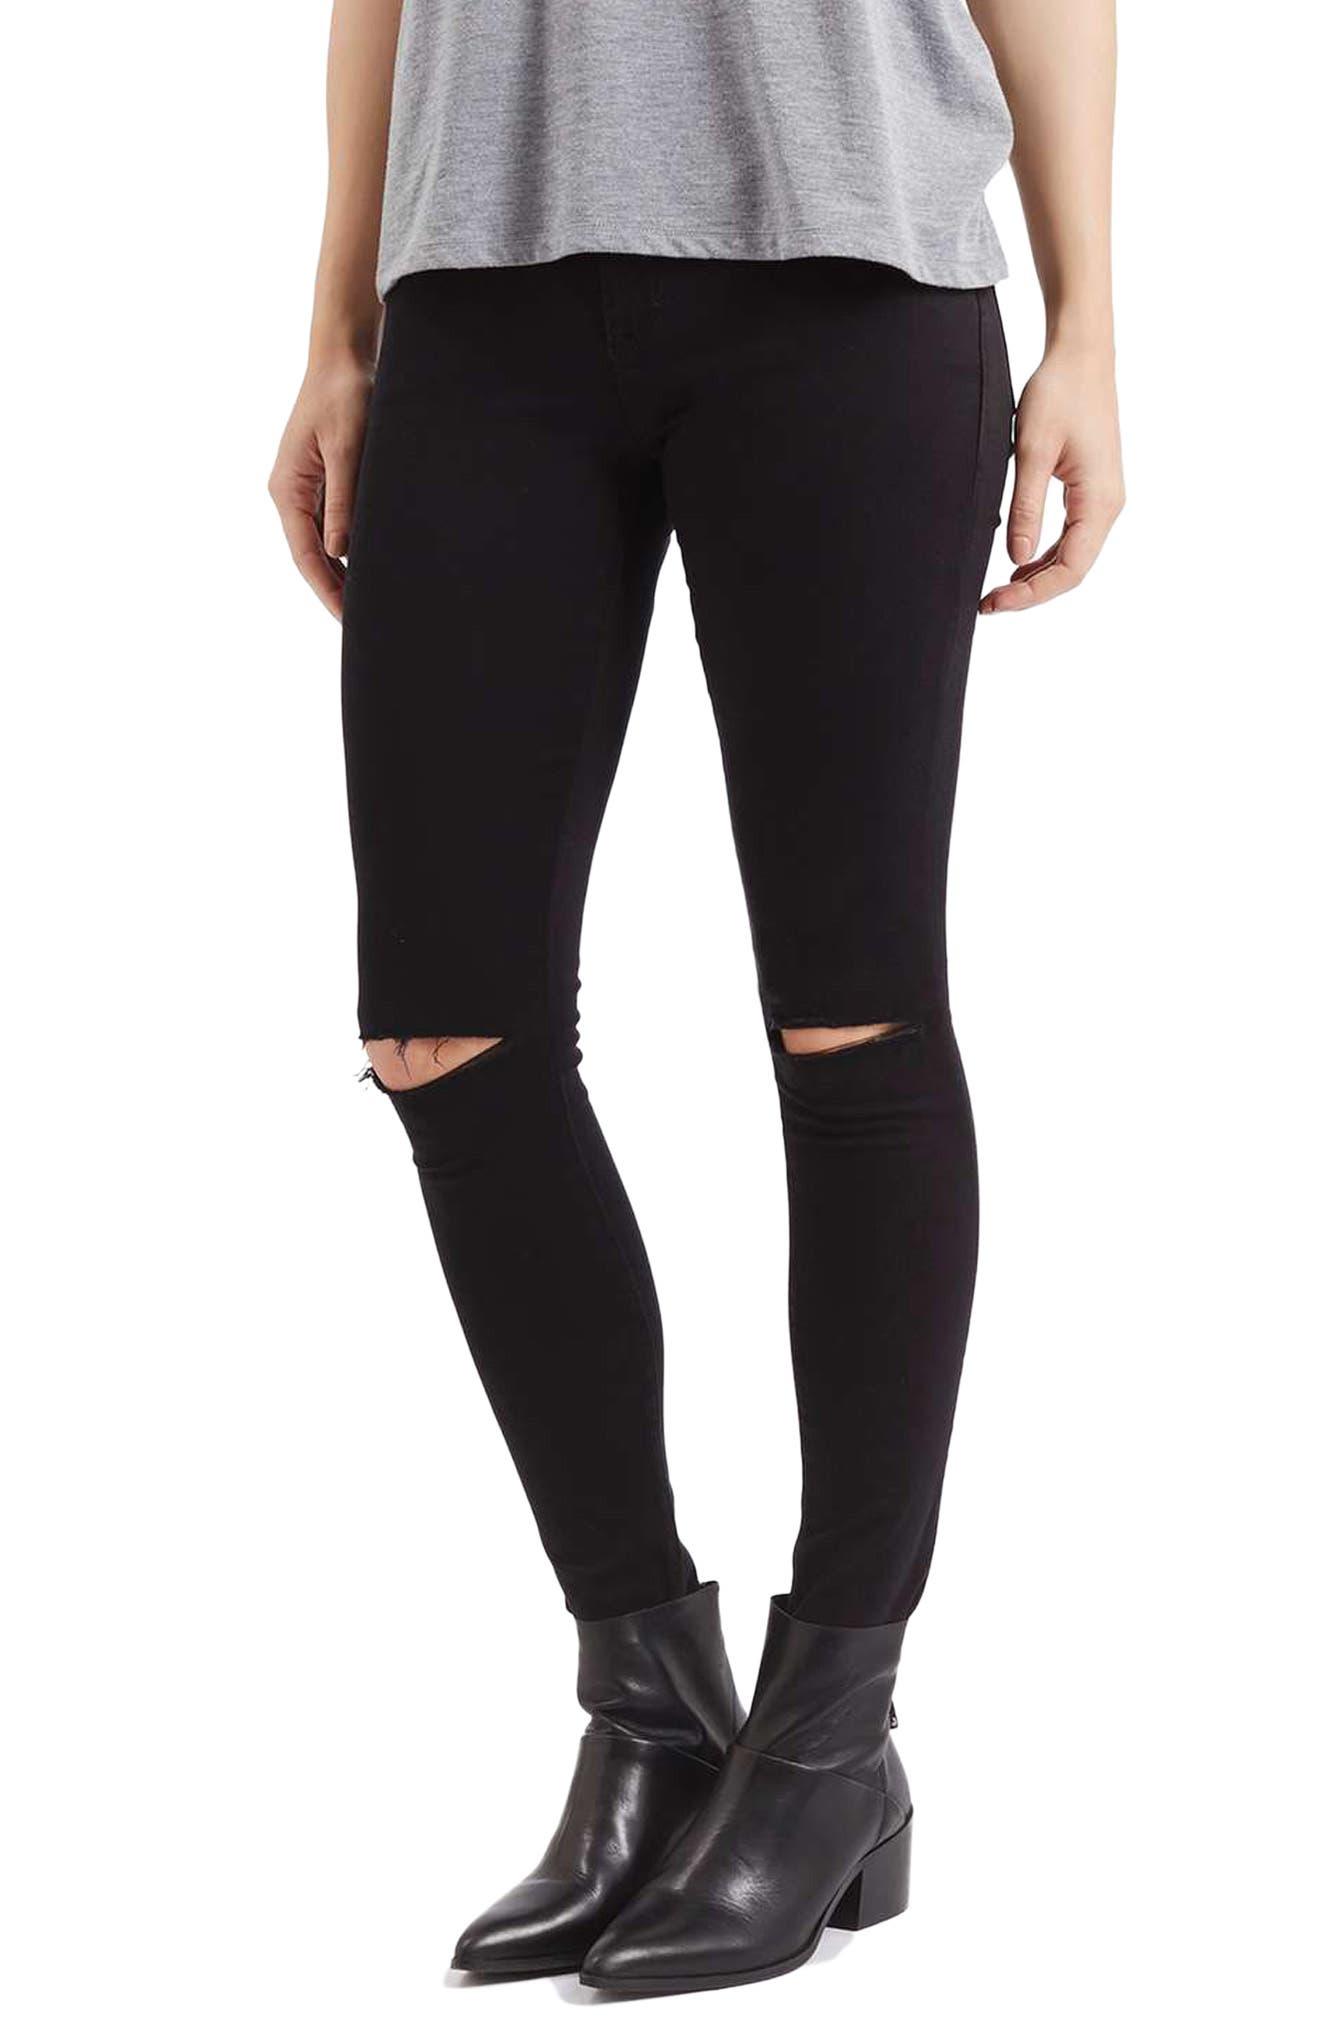 Black skinny jeans 34 inch